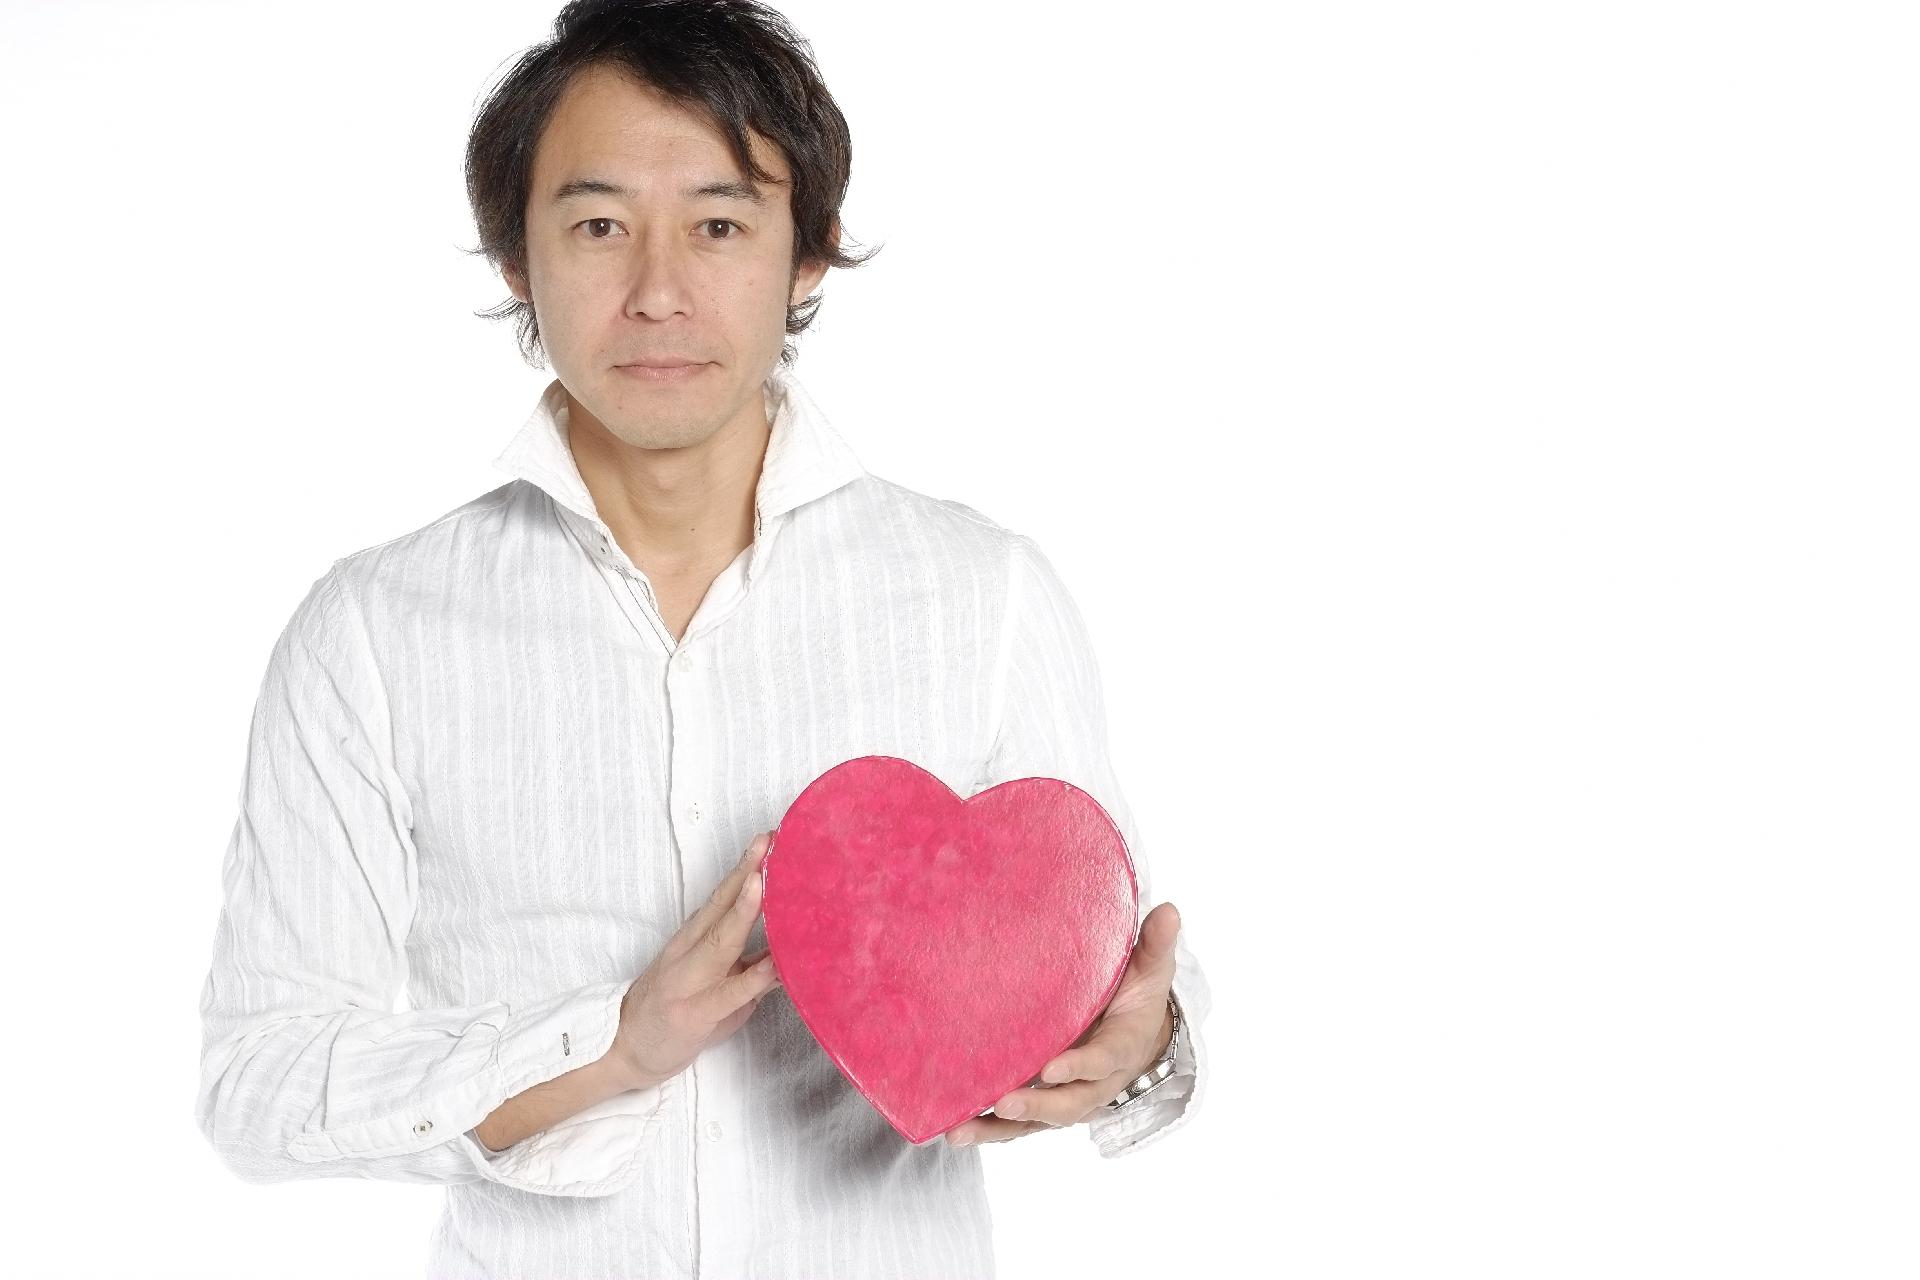 バレンタインにチョコを渡せなかった人向け!遅れてからの渡し方と渡すべき理由